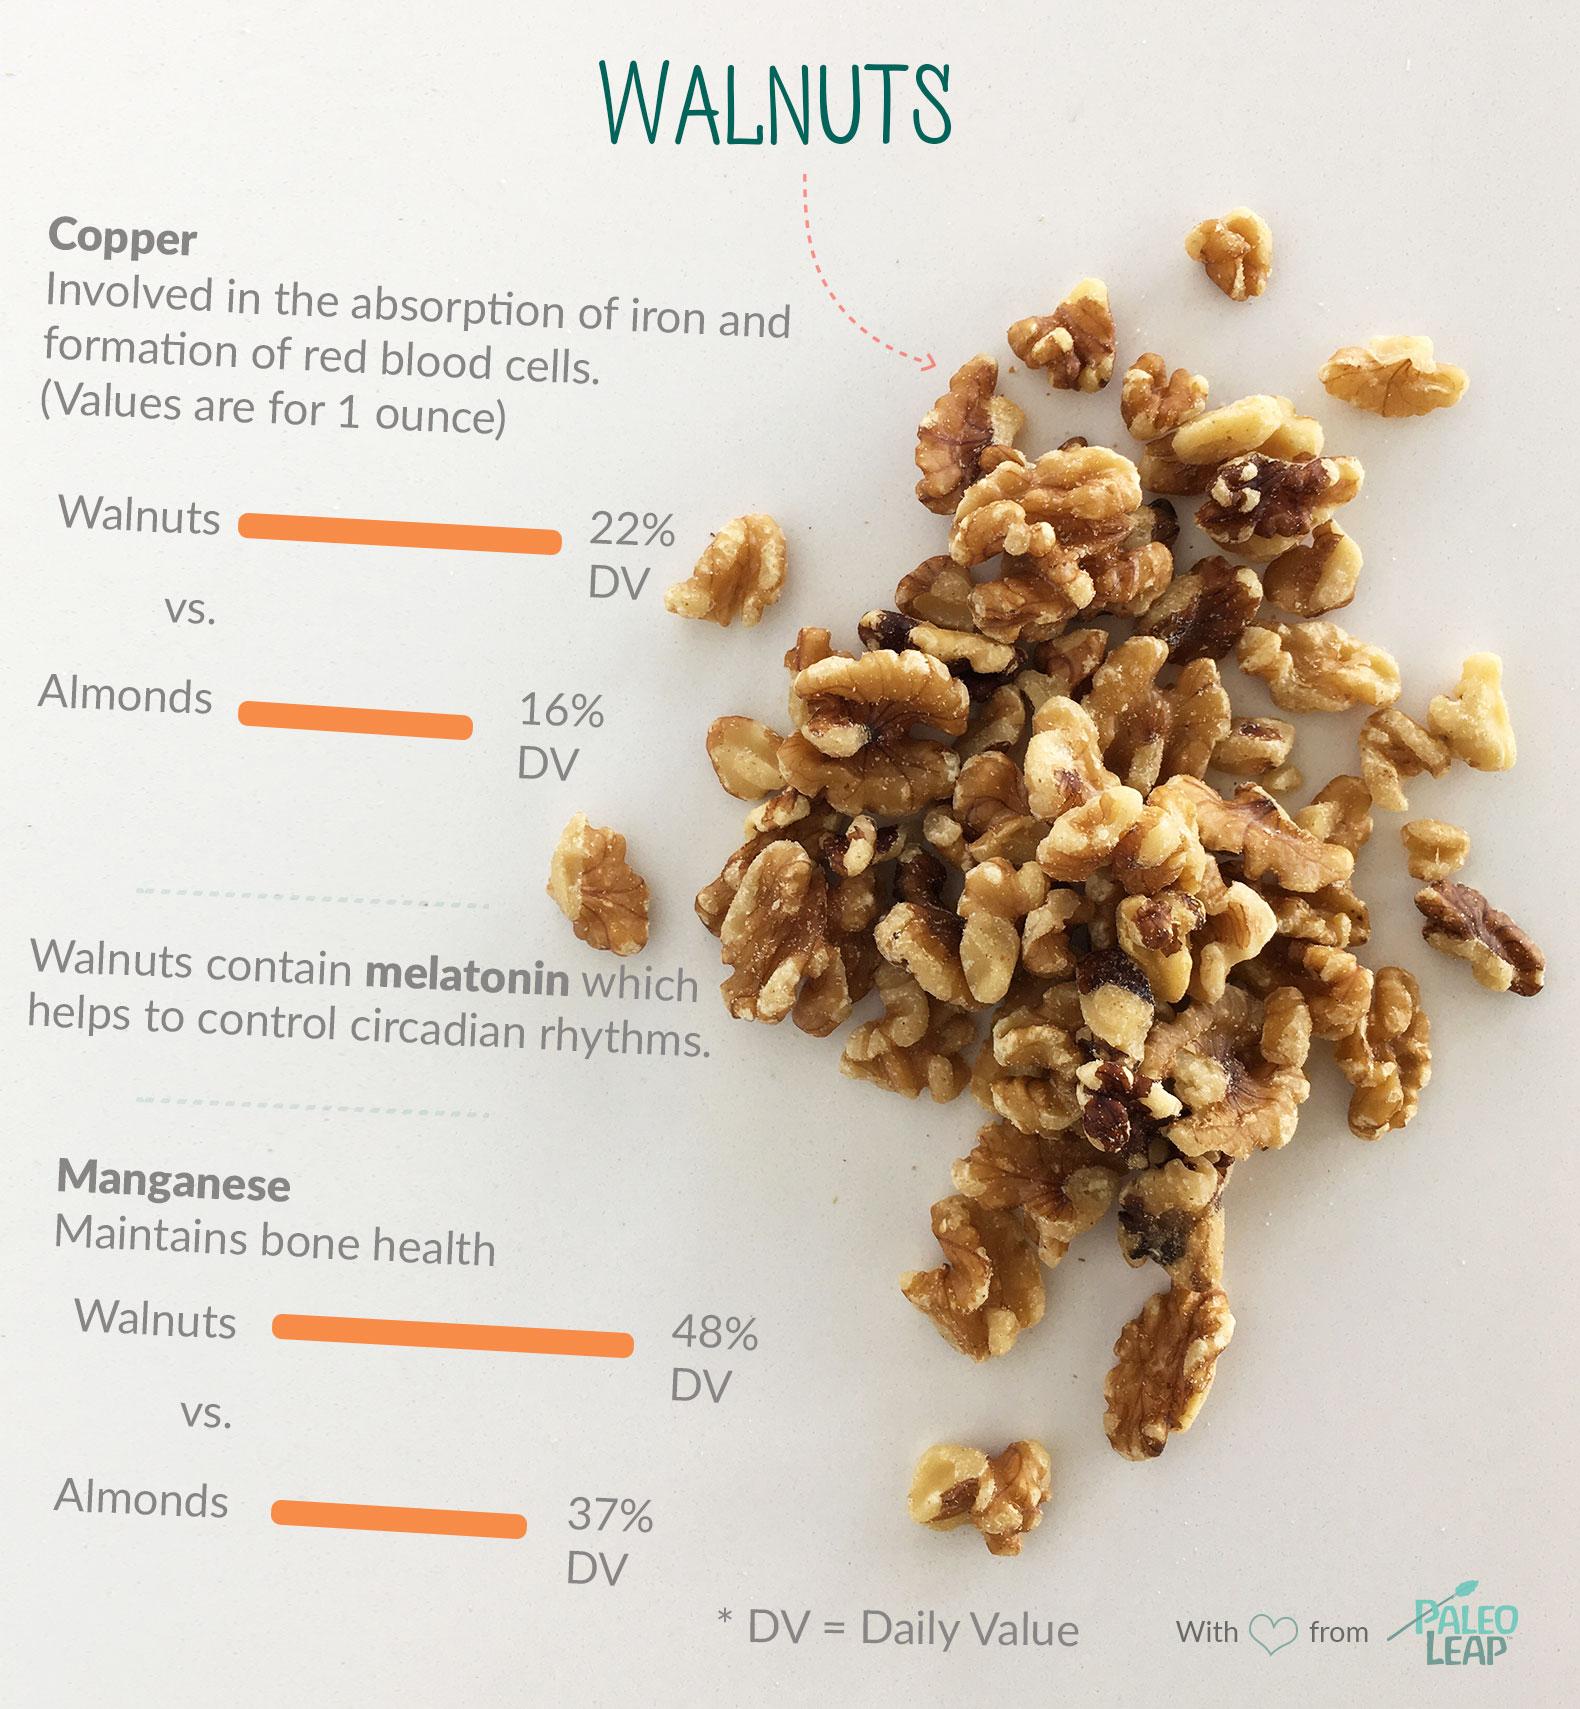 Walnuts highlights